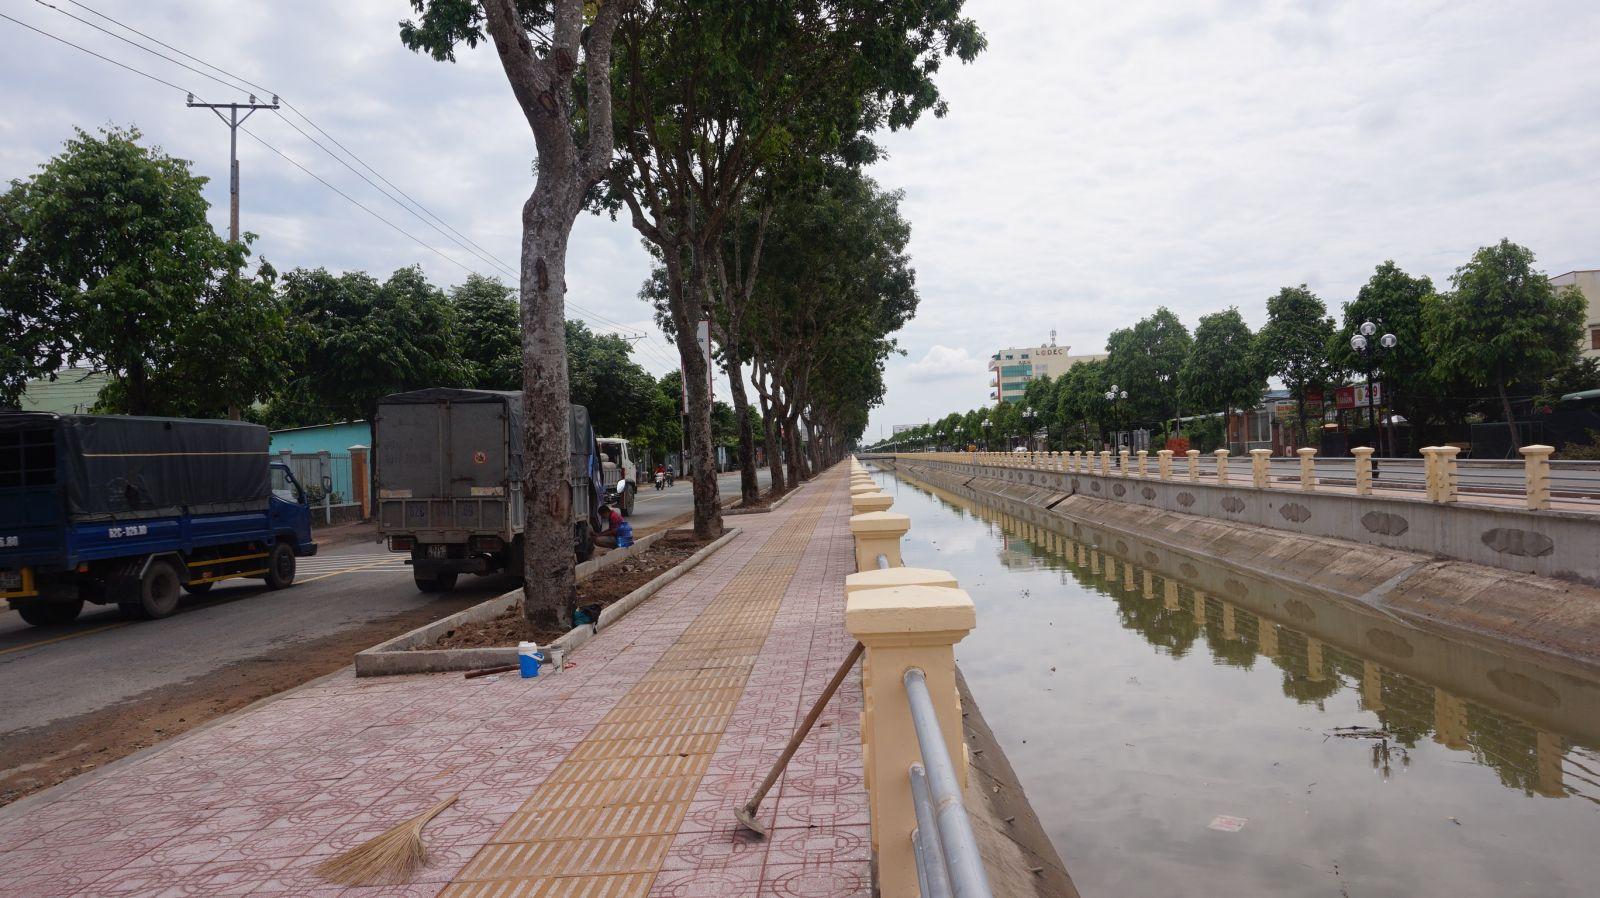 Đường Huỳnh Hữu Thống, phường 3 - tuyến đường bảo đảm trật tự, an toàn giao thông và văn minh đô thị